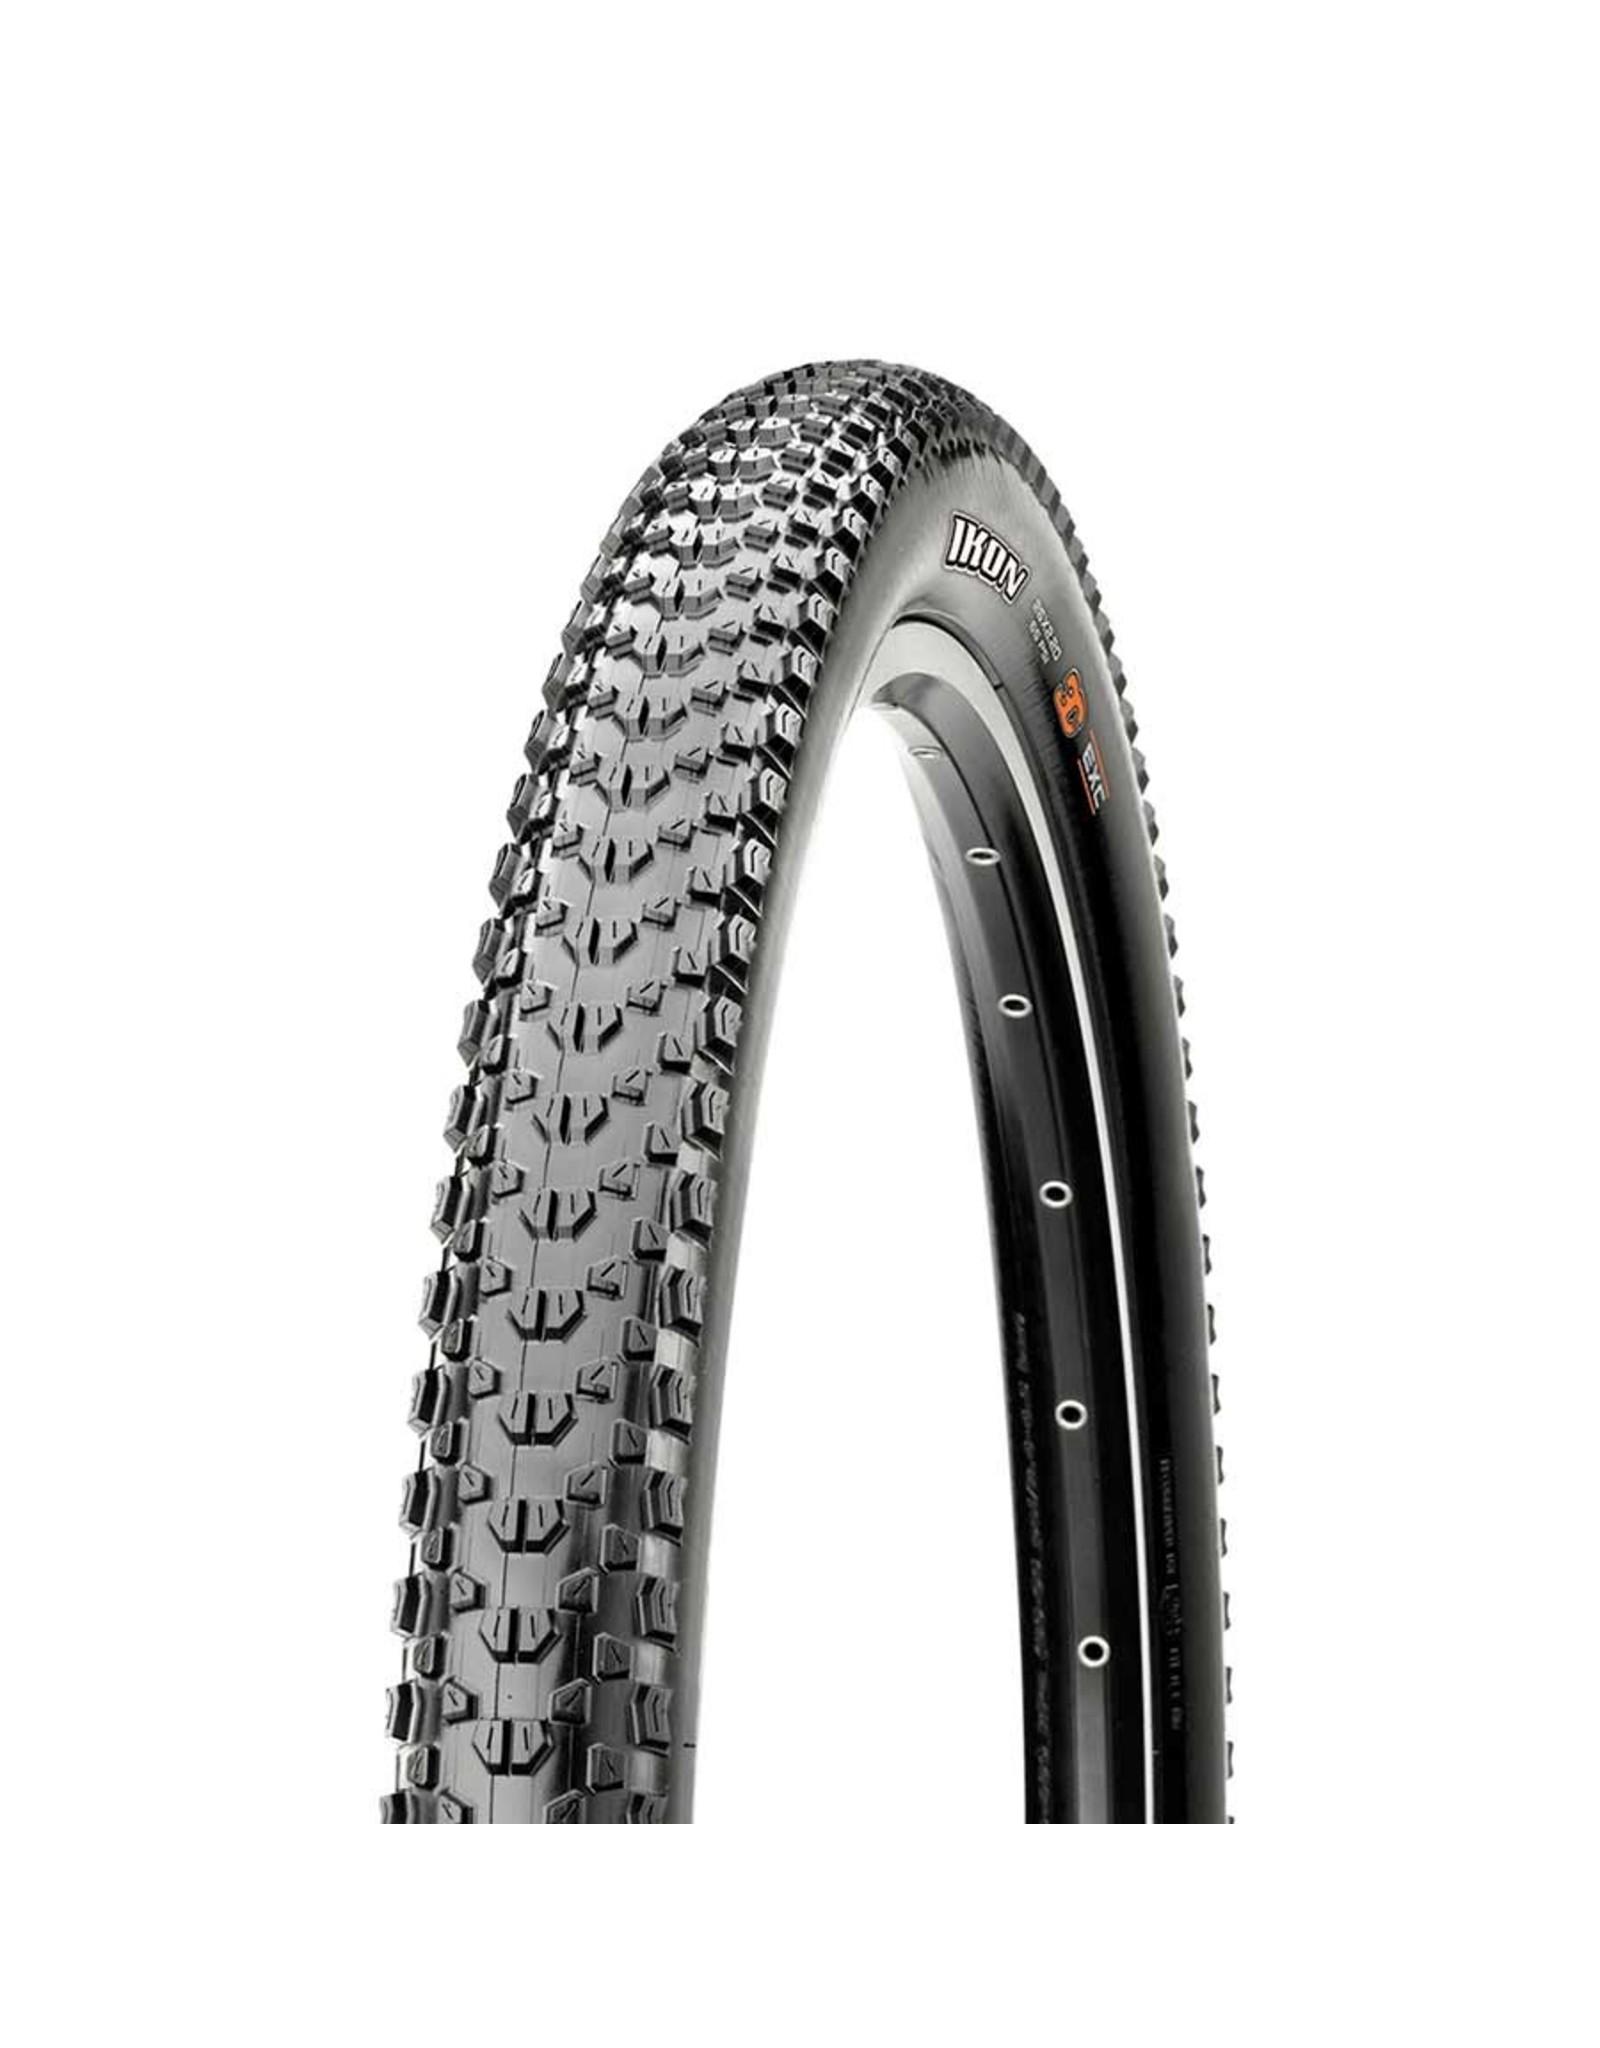 Maxxis, Ikon, Tire, 26''x2.20, Folding, Tubeless Ready, 3C Maxx Speed, EXO, 120TPI, Black